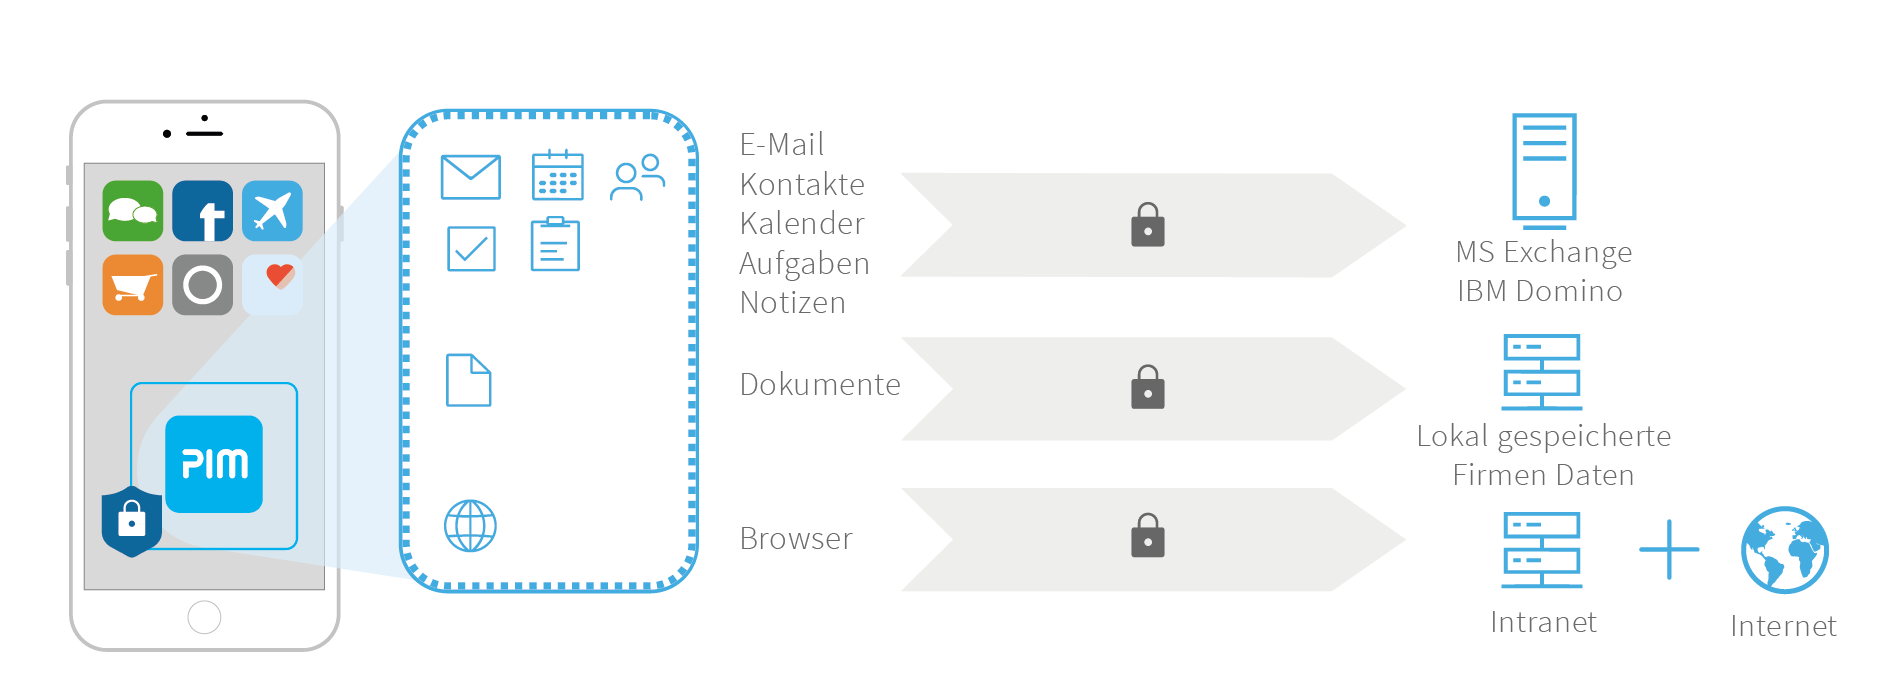 Eine Container-App bietet alle Funktionen um sicher mobil zu arbeiten